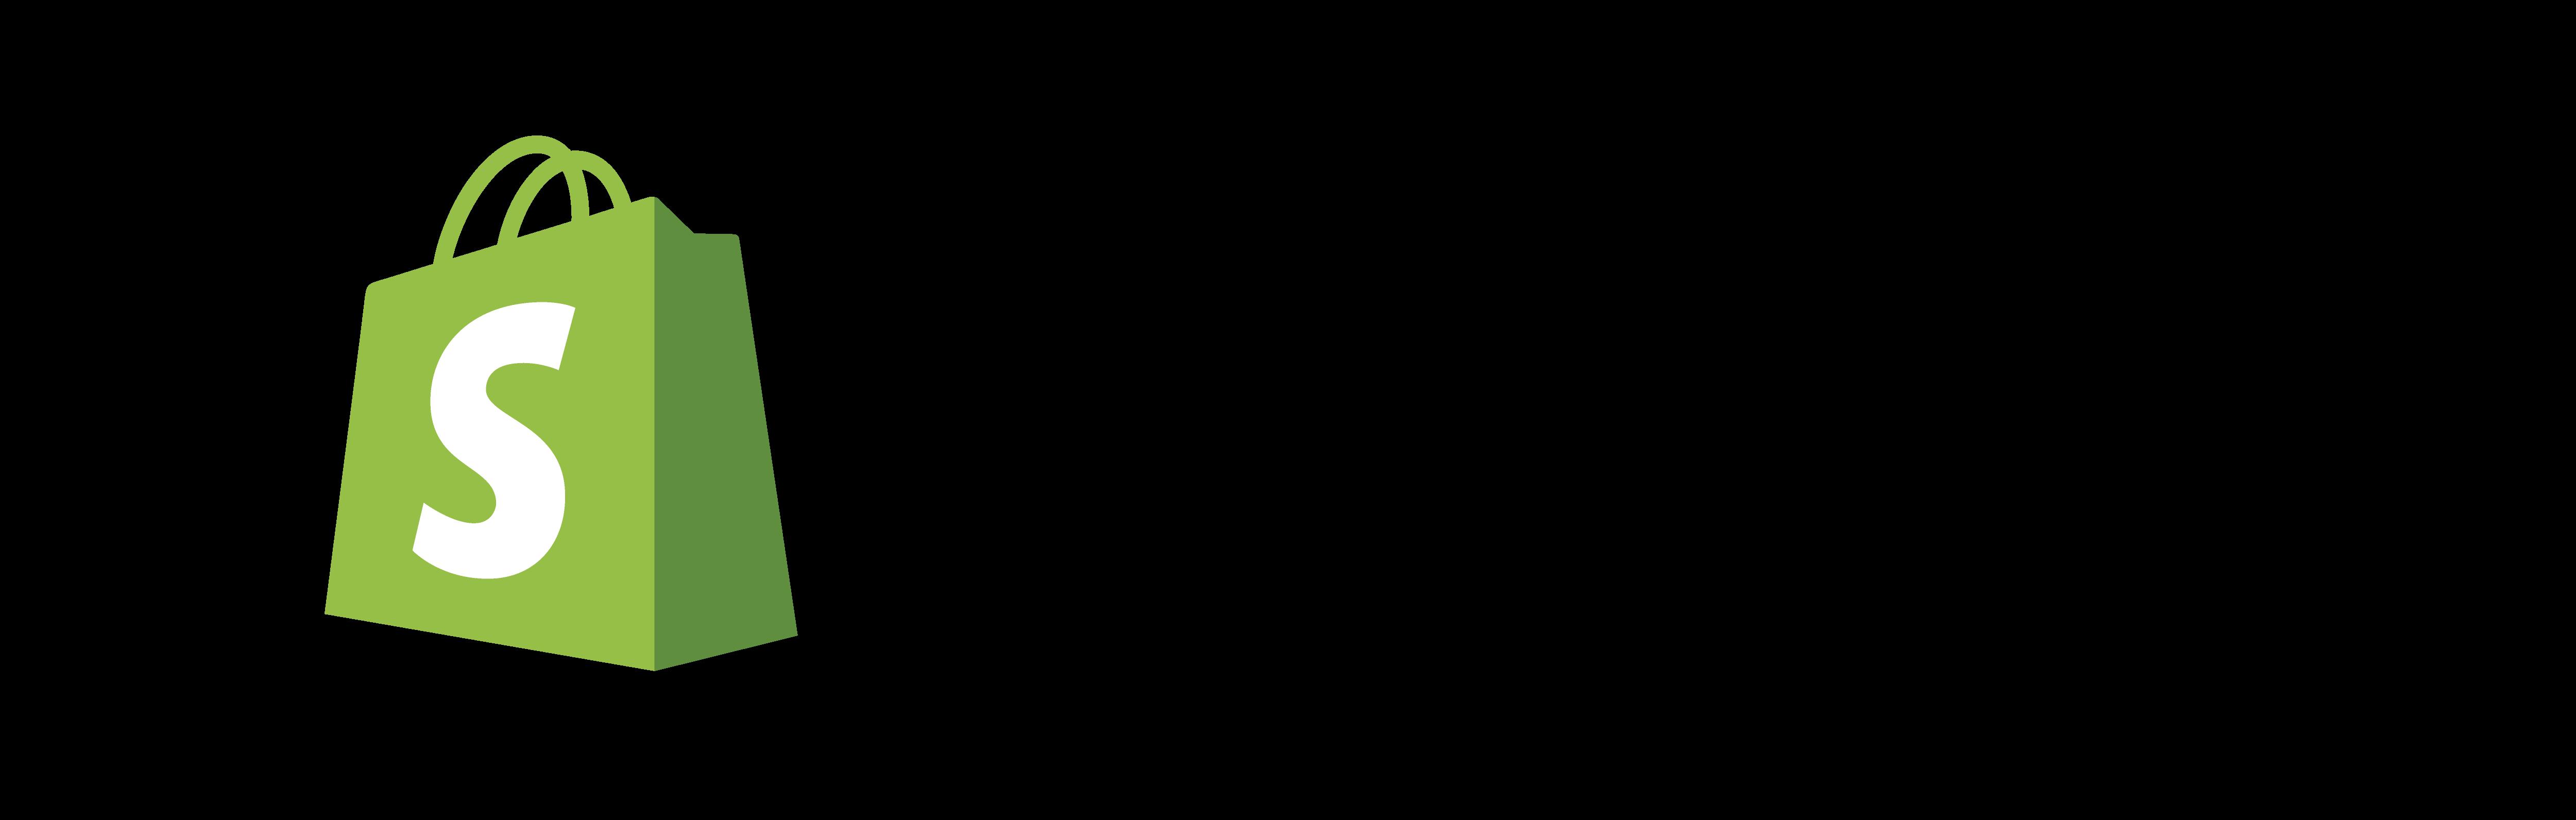 company-logos_Shopify-35